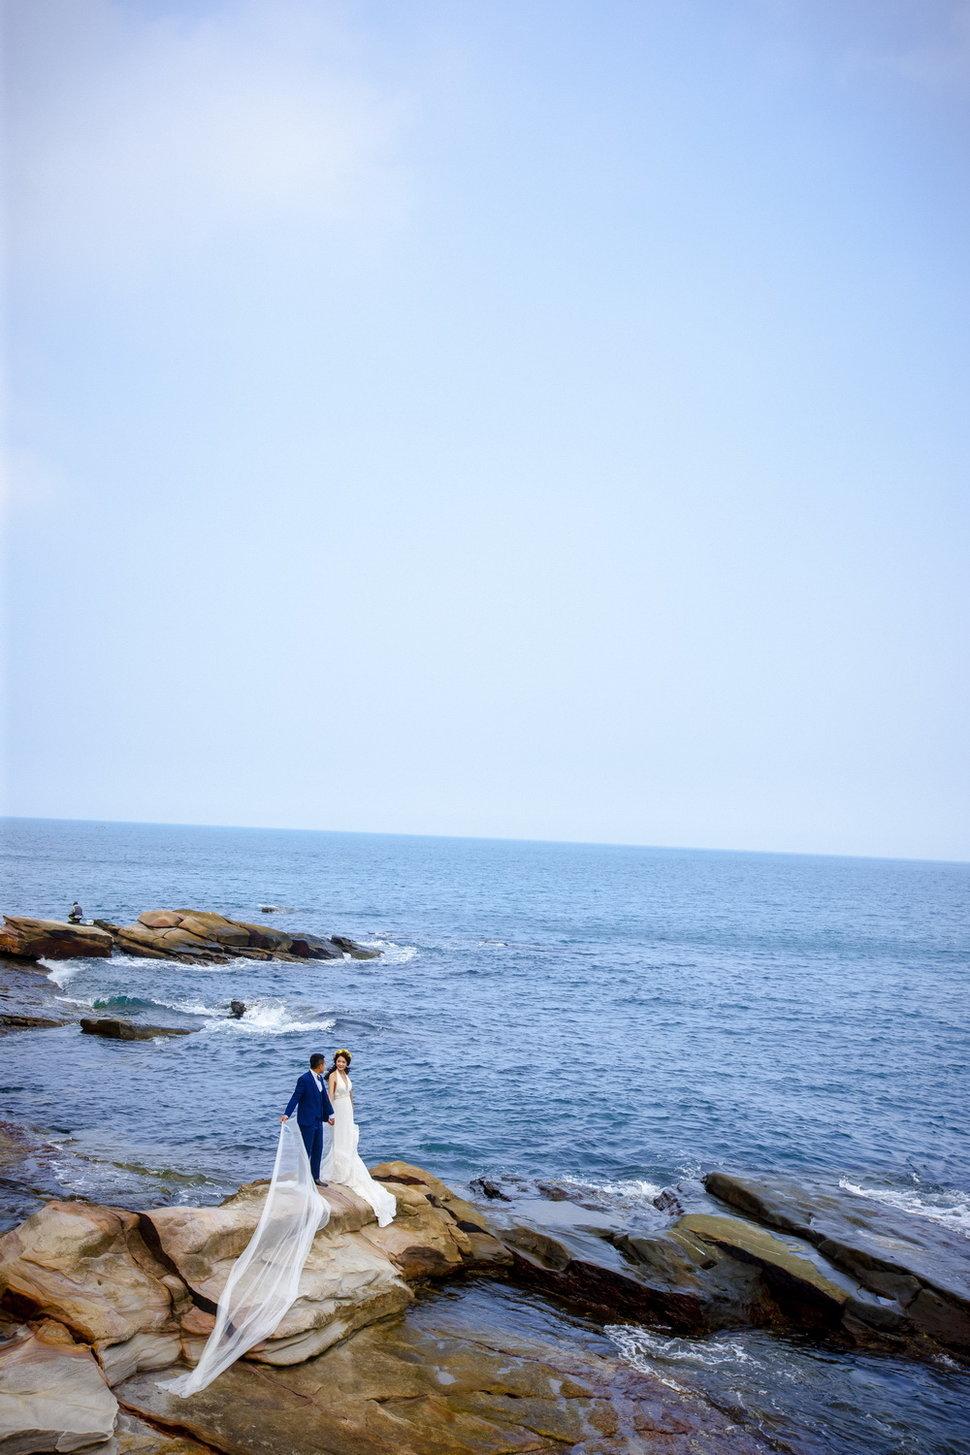 S_29 - Love.Mu冷沐婚紗攝影~藝術館《結婚吧》